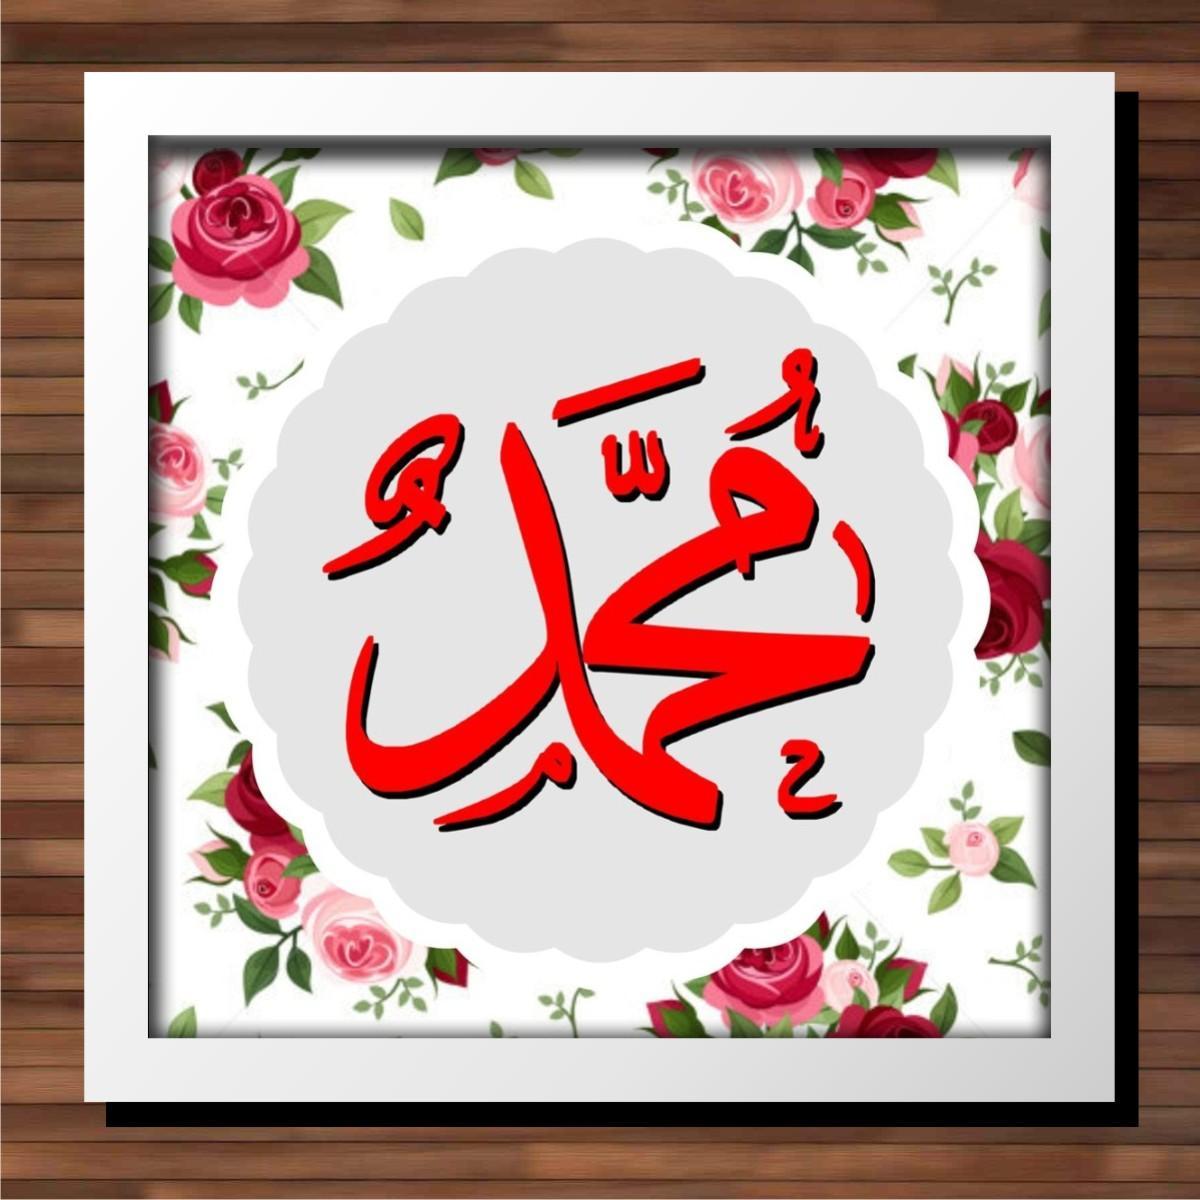 ... Hiasan Dinding Tema Shabby Wall Decor Cafe Kamar Ruang Tamu Kaligrafi Muhammad Bunga Dengan Warna Selaras